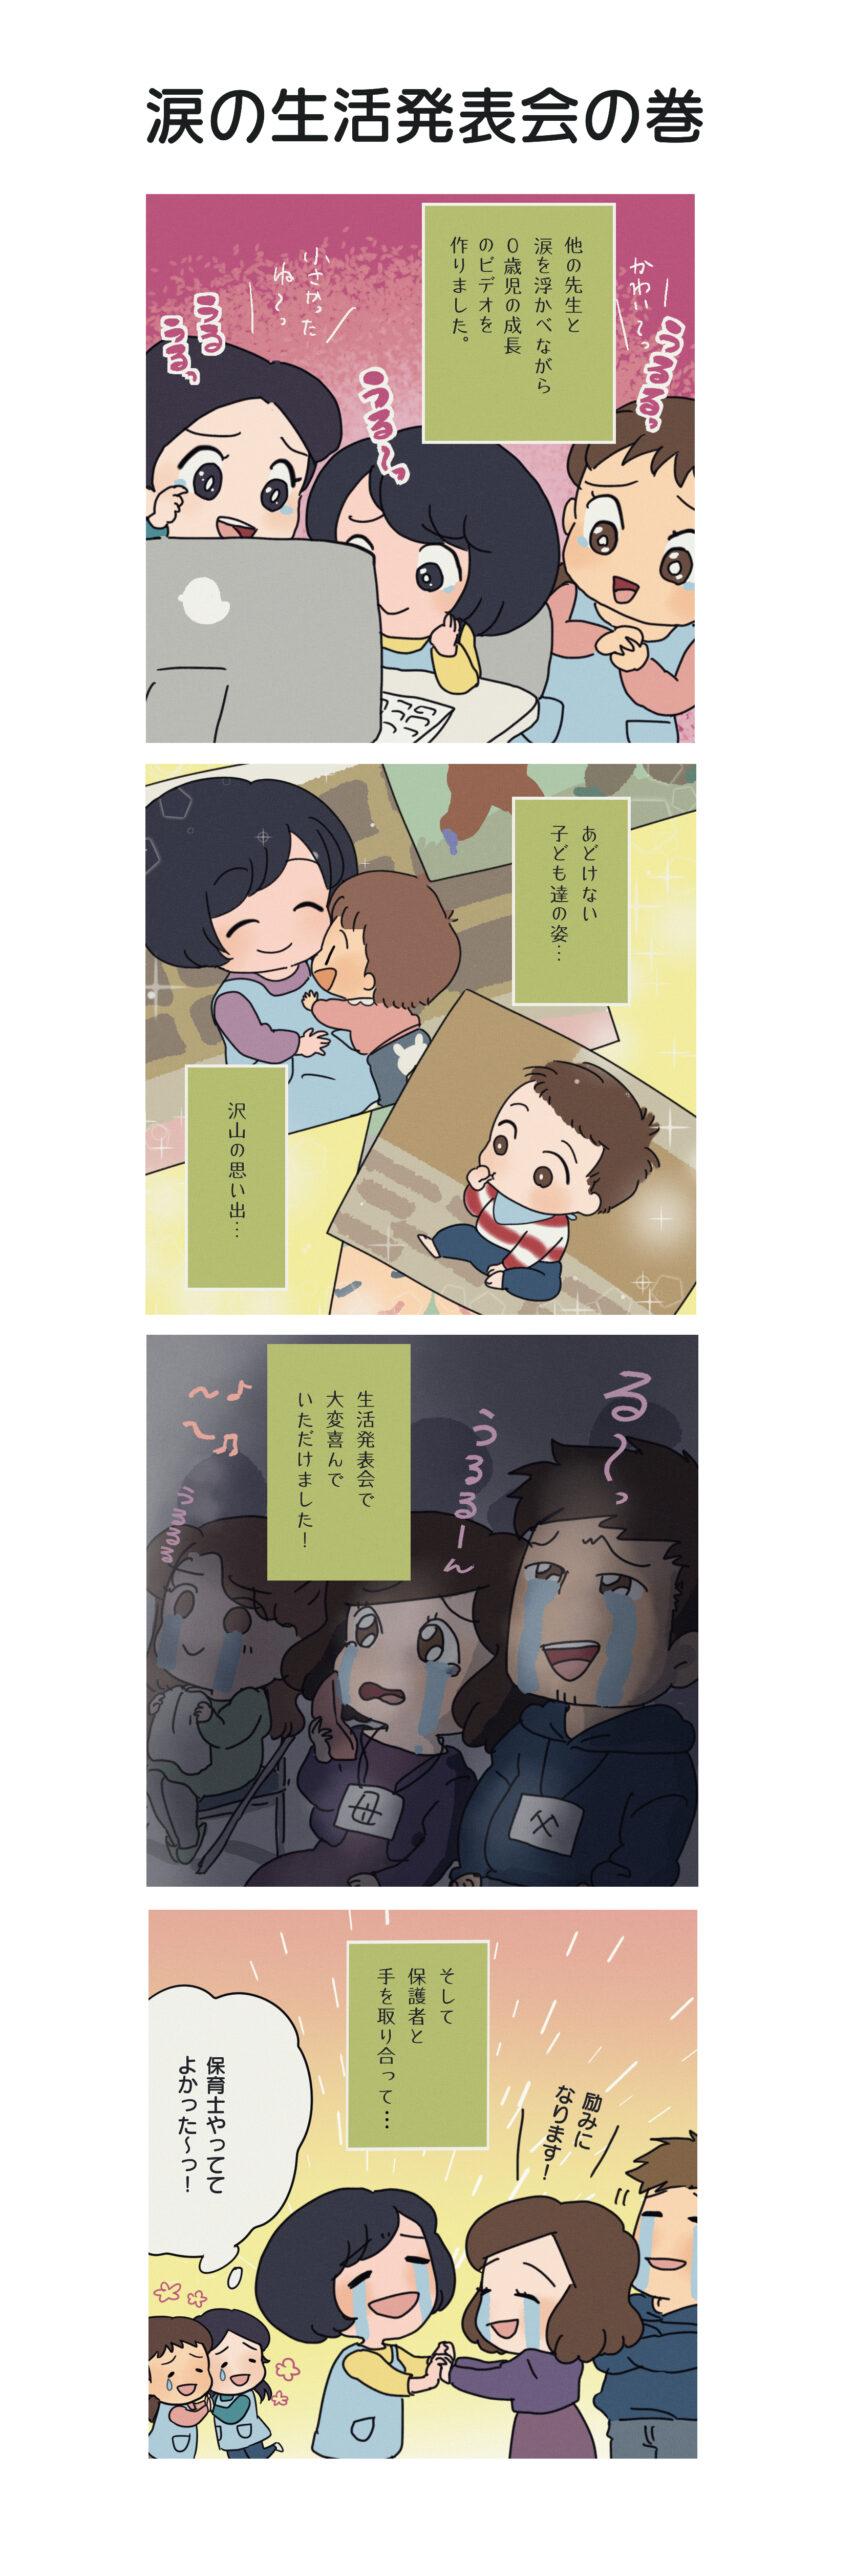 涙の生活発表会の巻